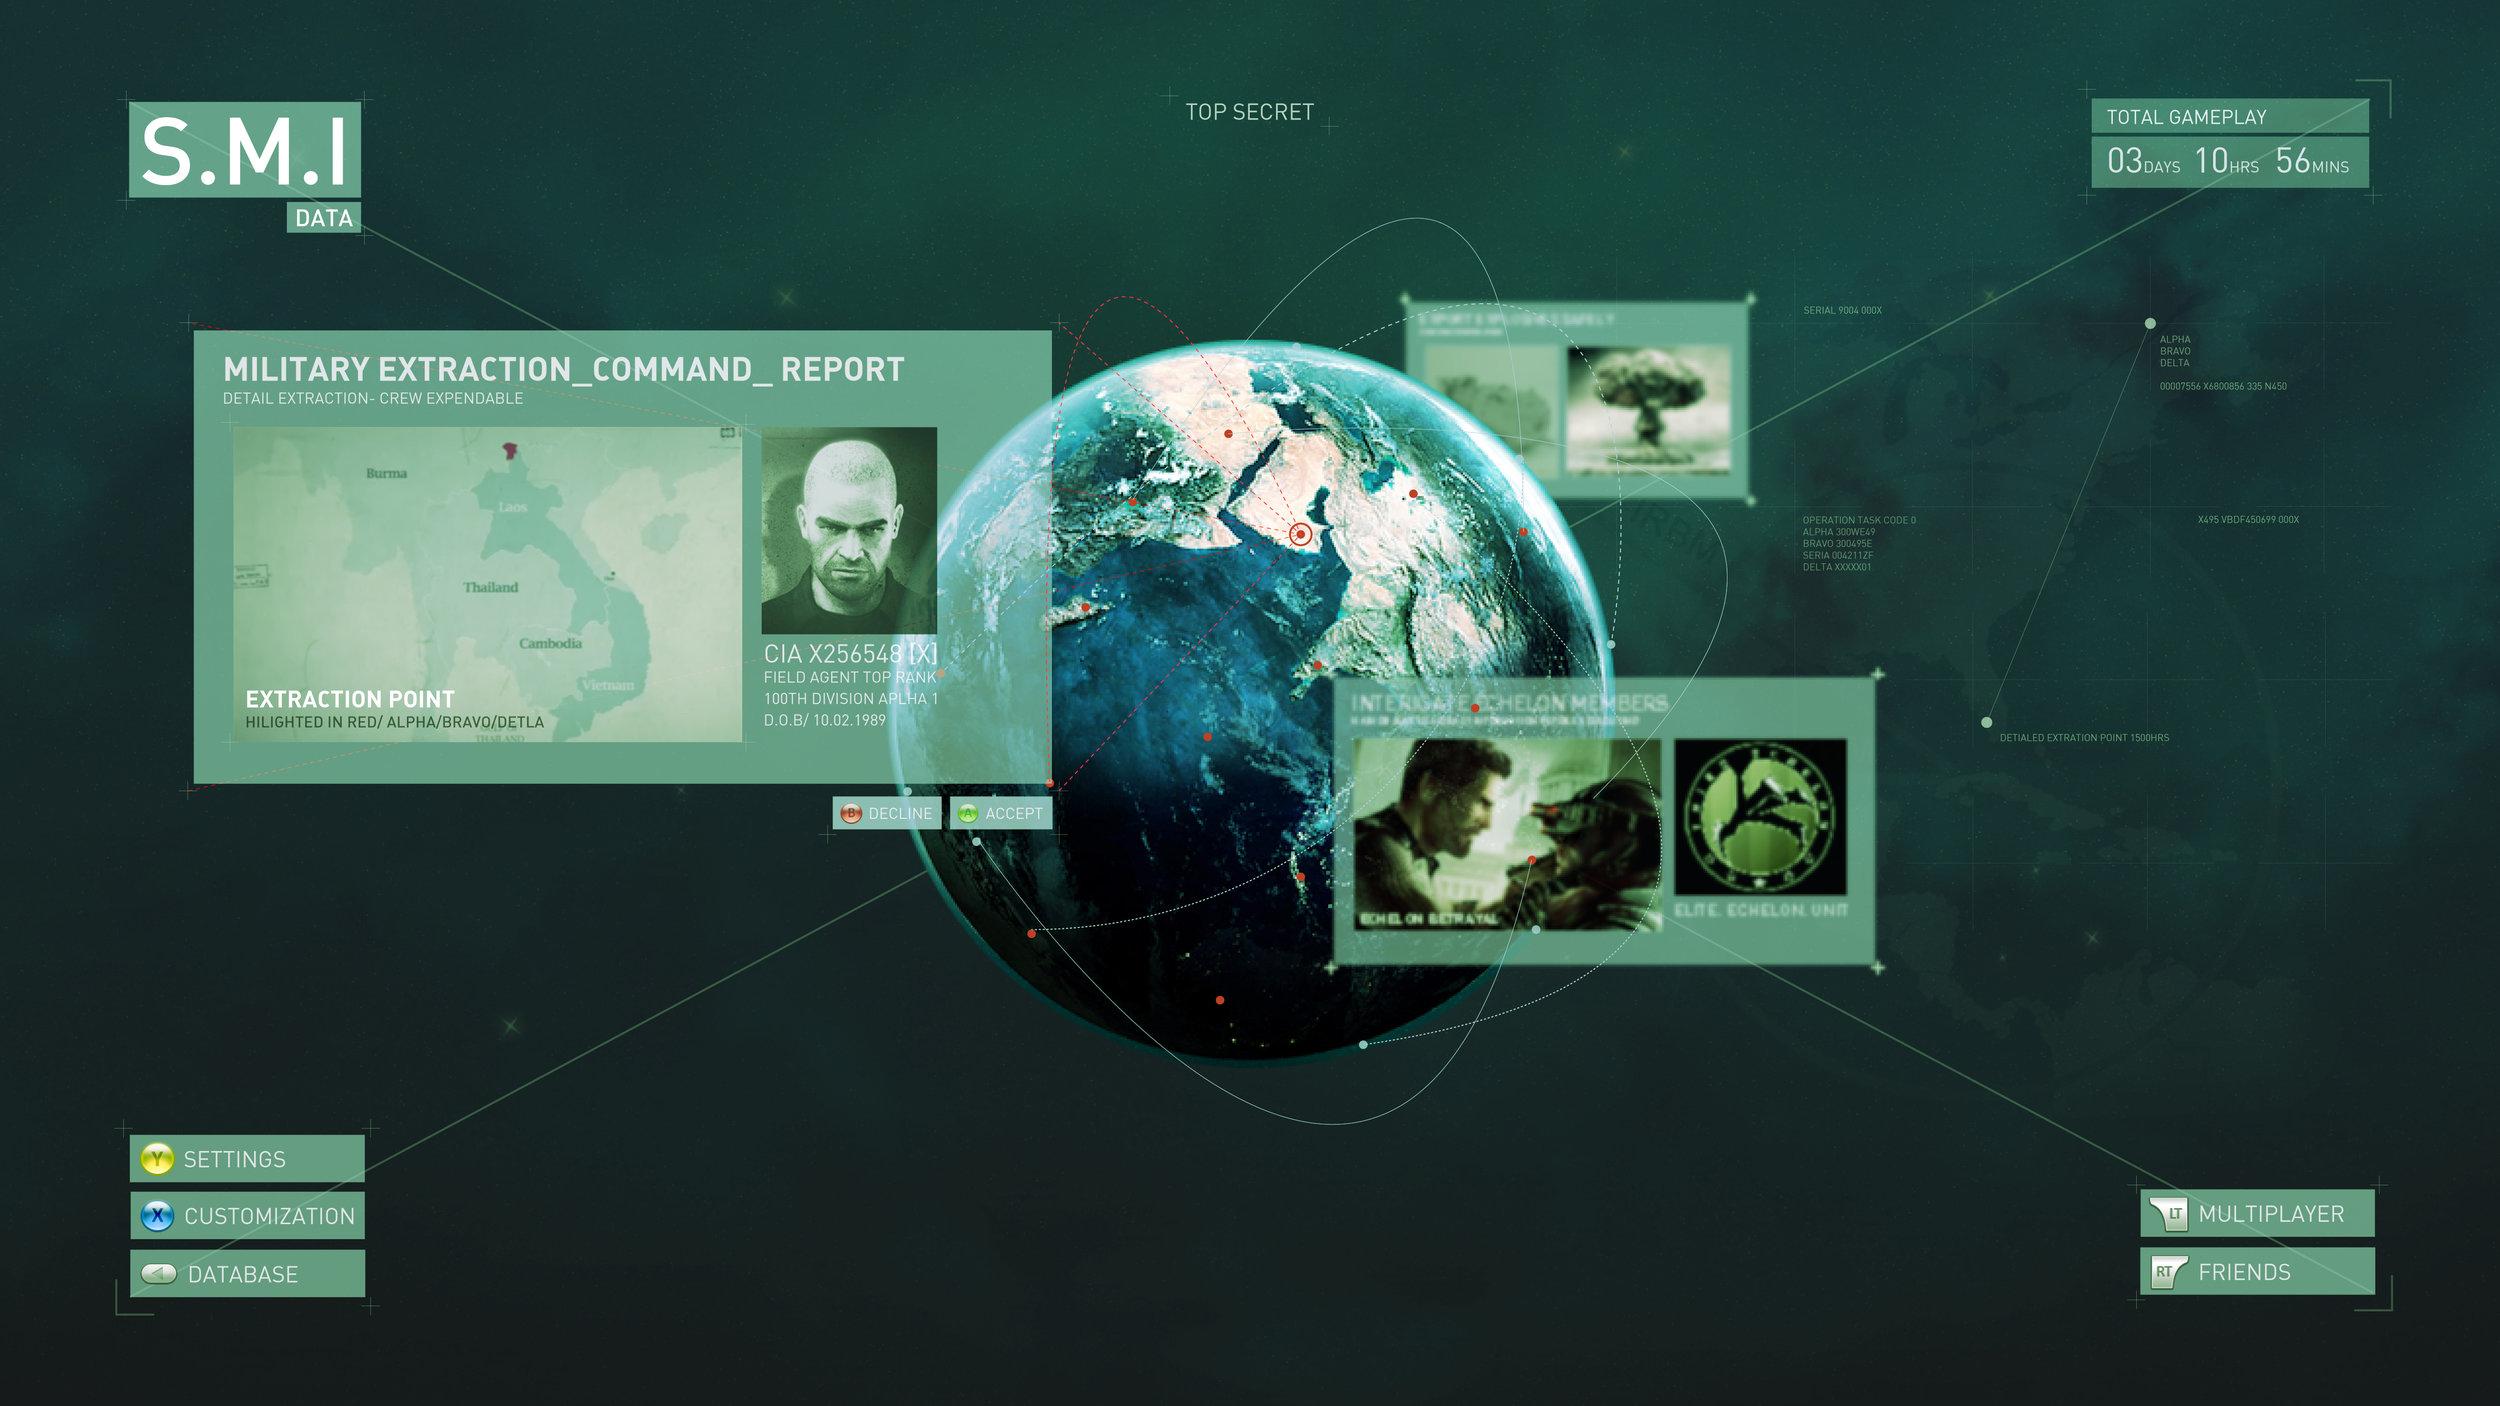 Splinter_Cell_092011_Keko_Frame_04.jpg